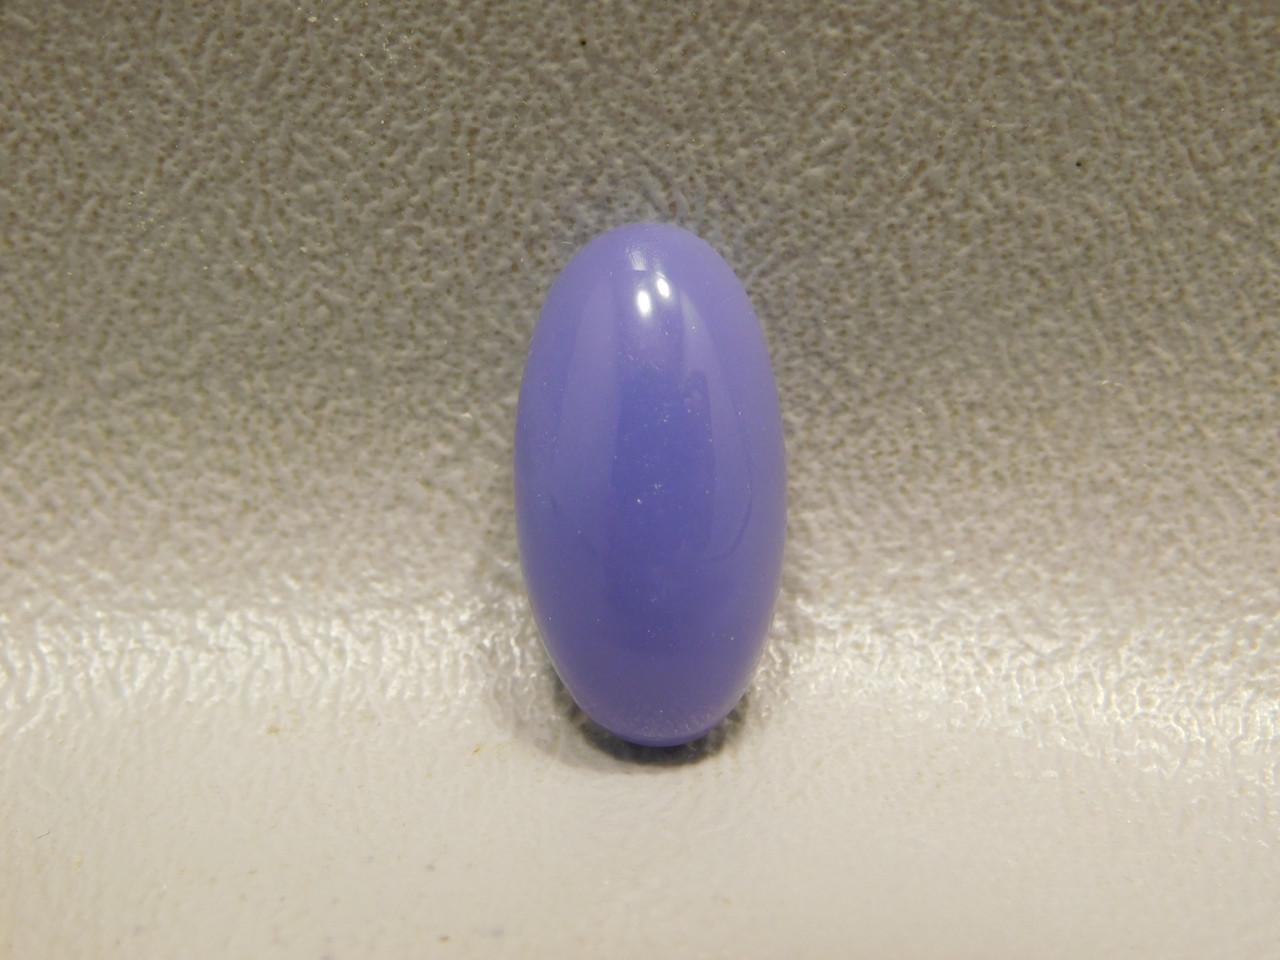 Lavender Purple Fluorite Cabochon Jewelry Stone #10